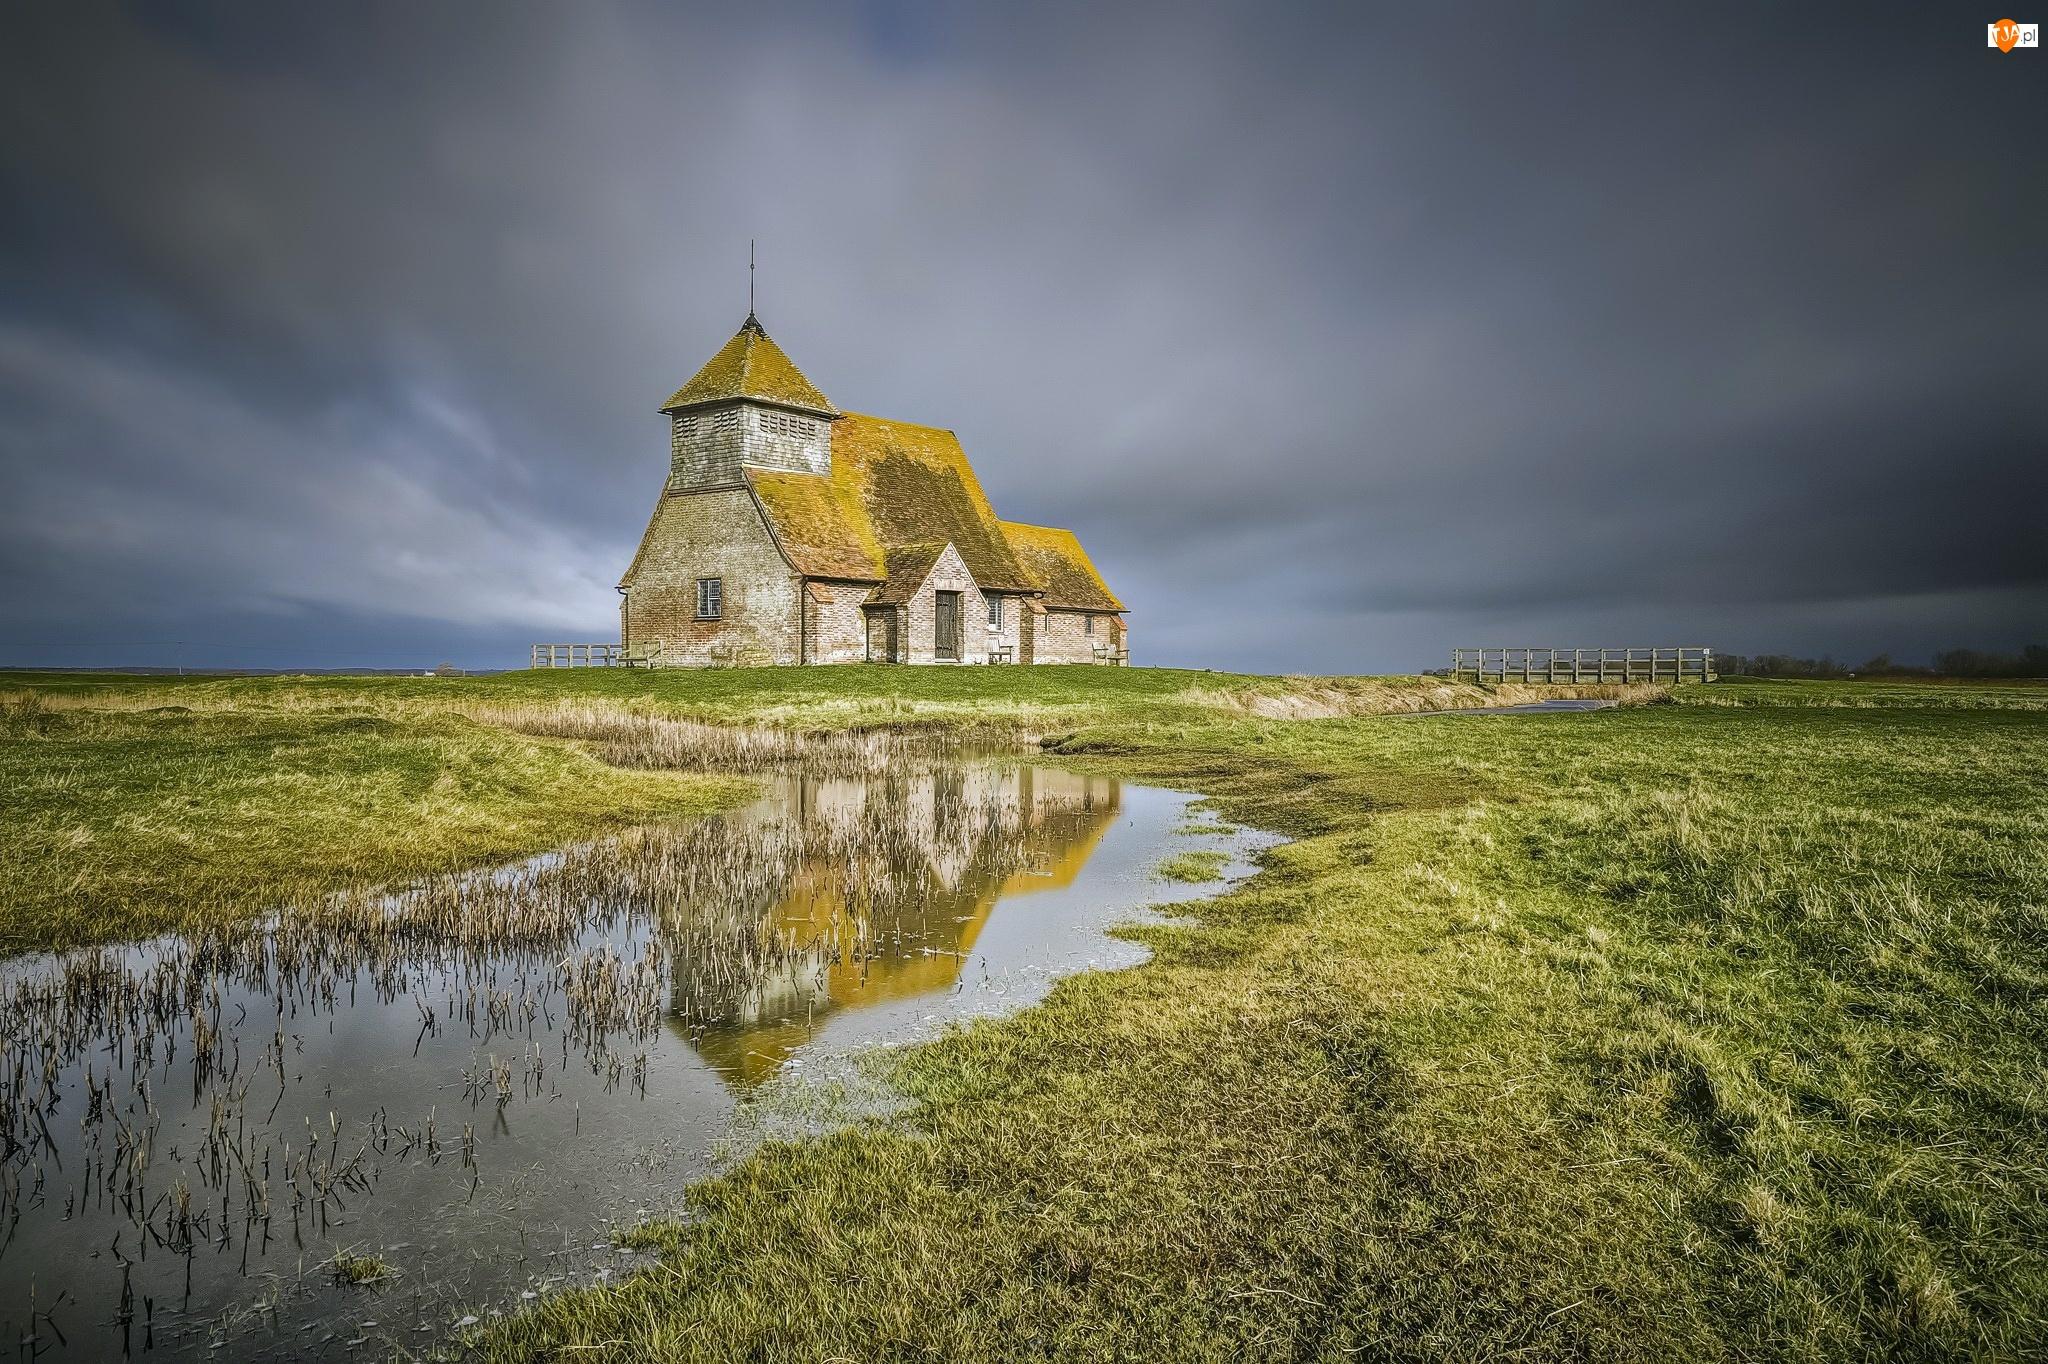 Kościół, Moczary Romney, Bagna, Anglia